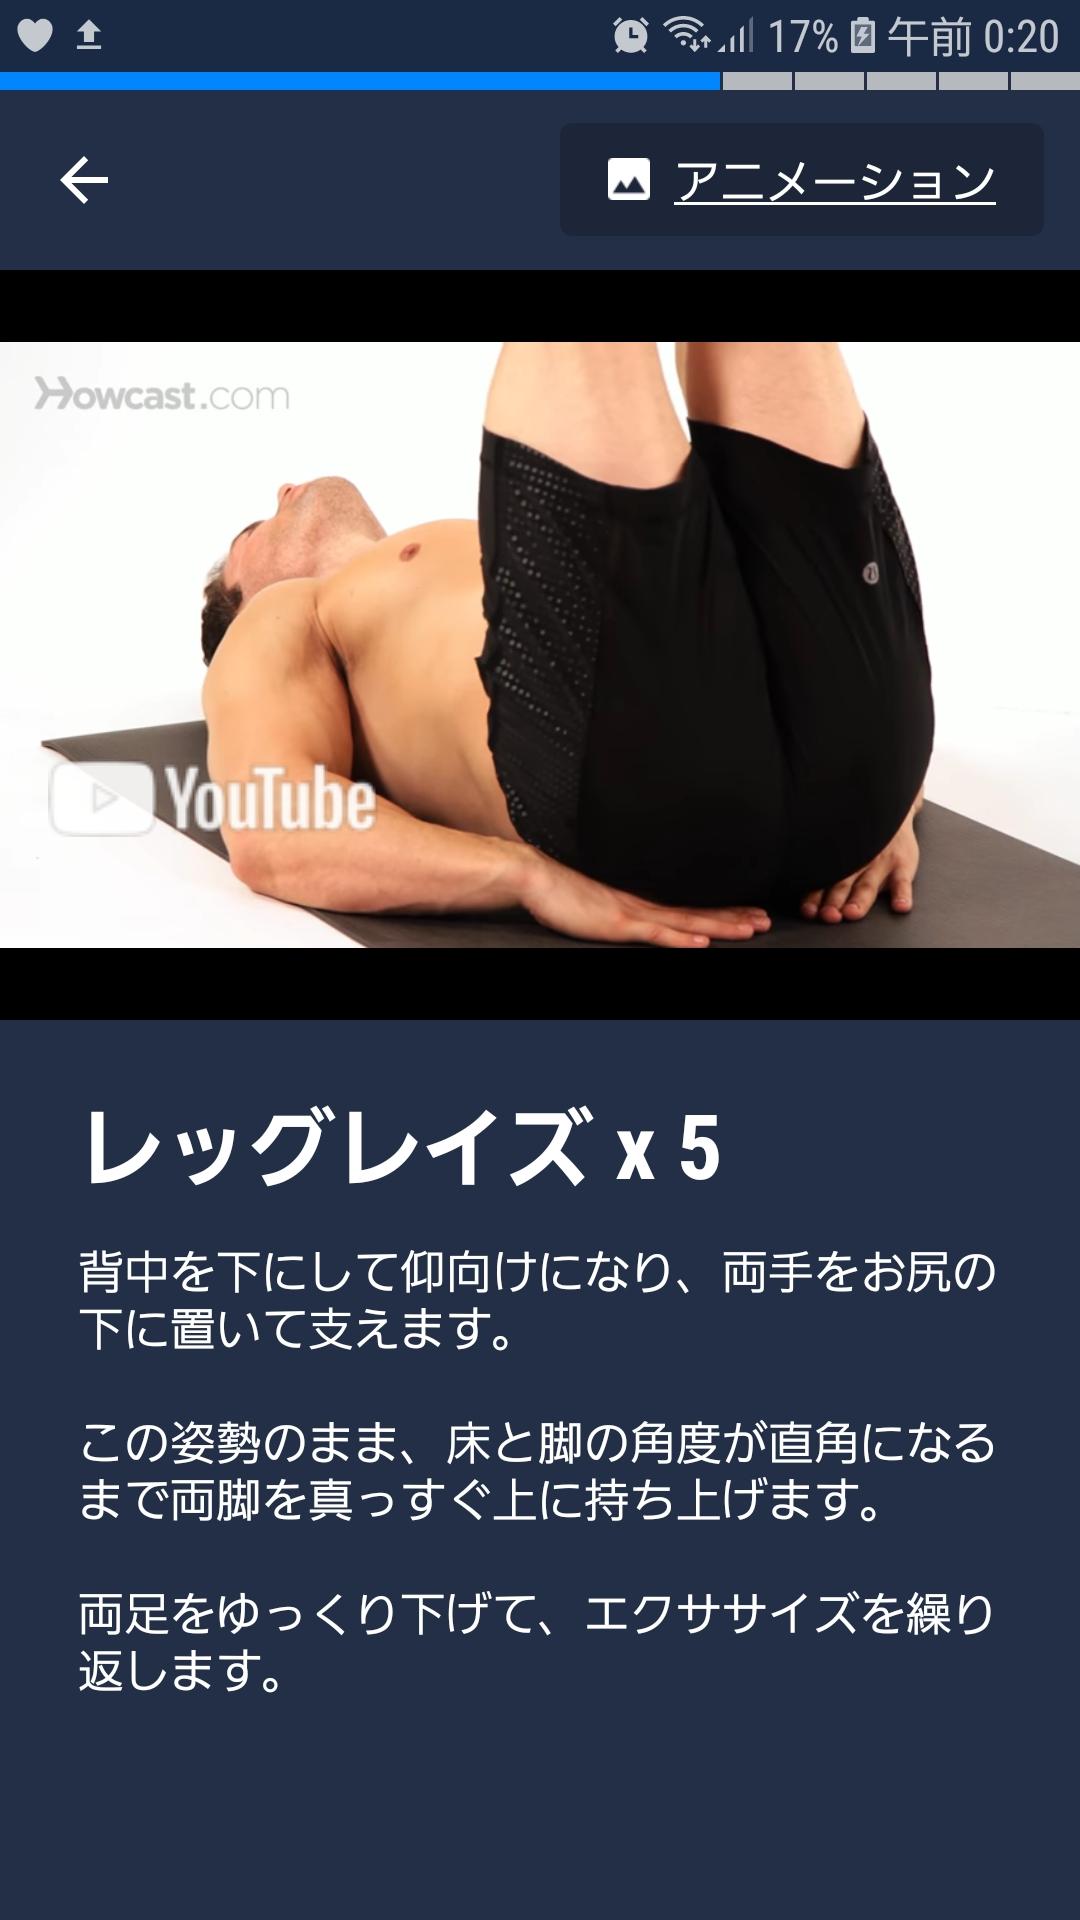 シックスパック 腹筋 動画